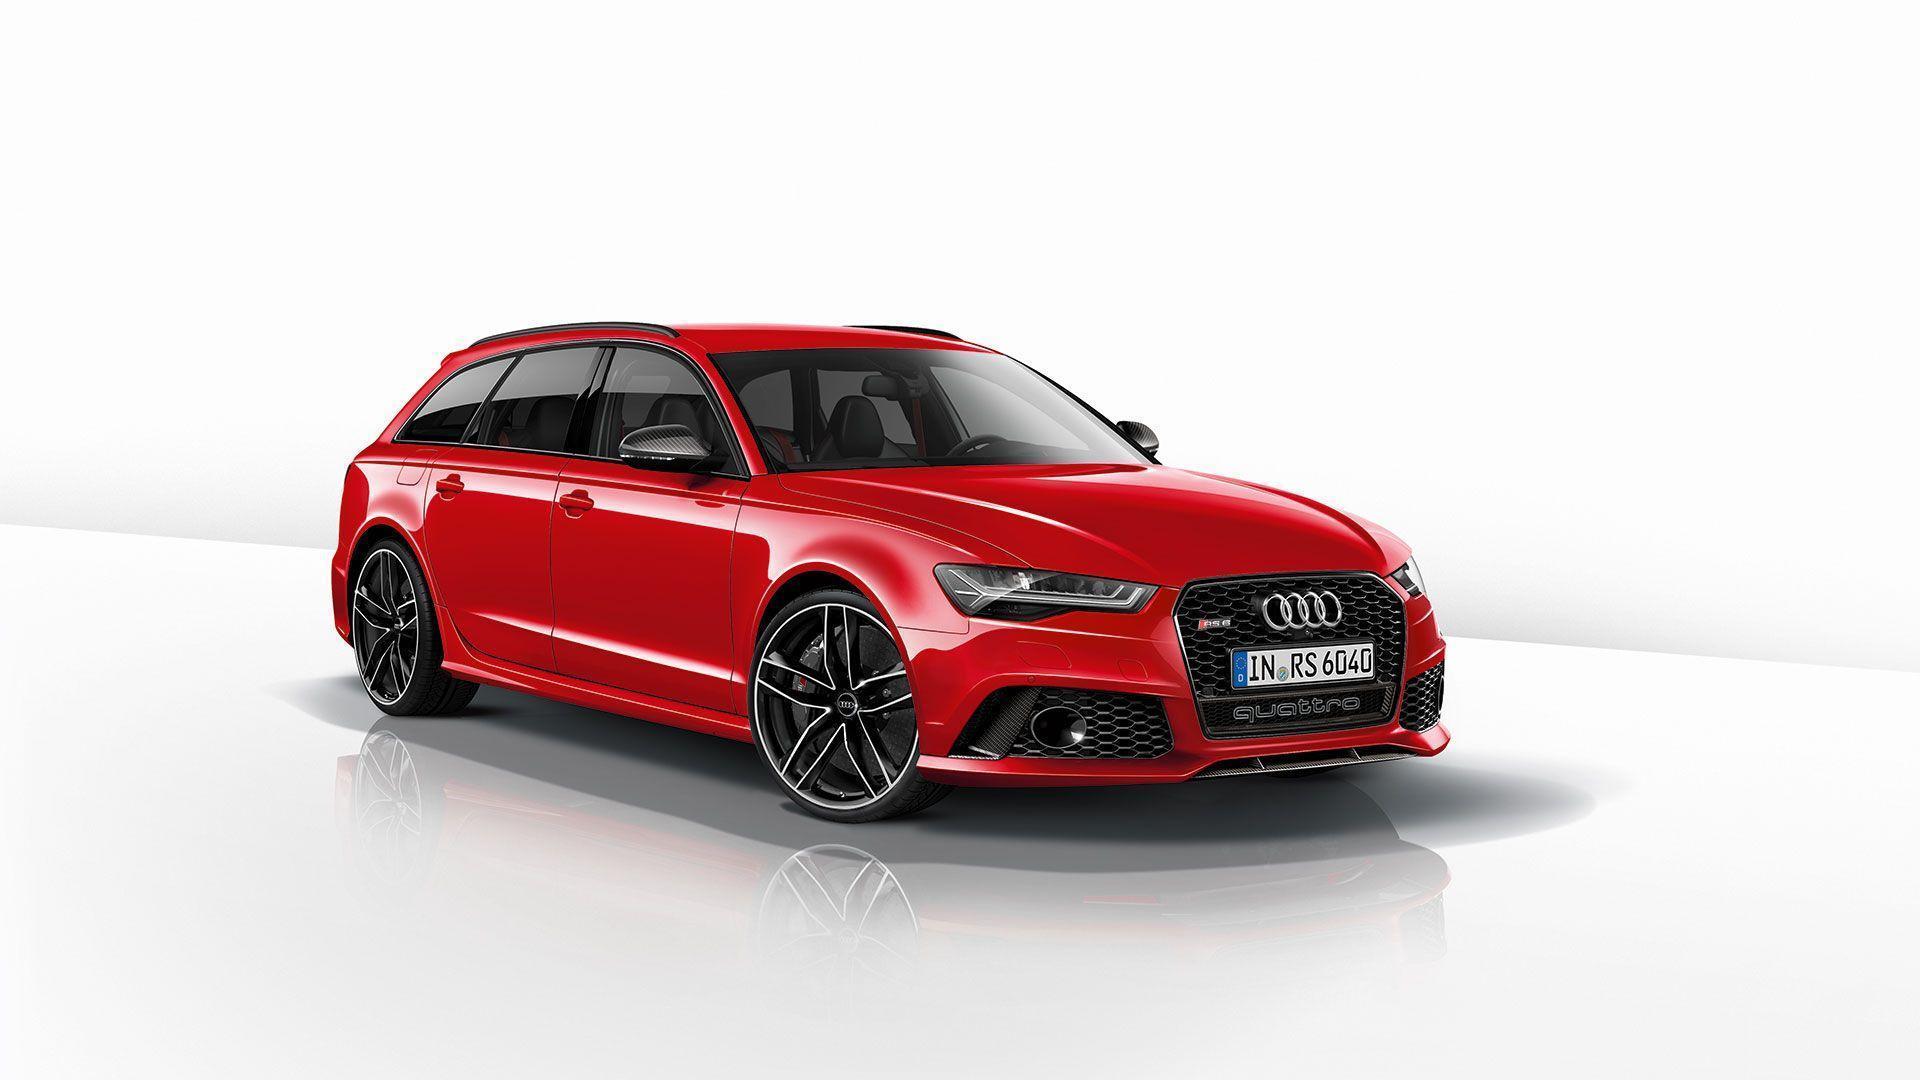 Audi RS 6 Avant HD Wallpaper | 1920x1080 | ID:49694